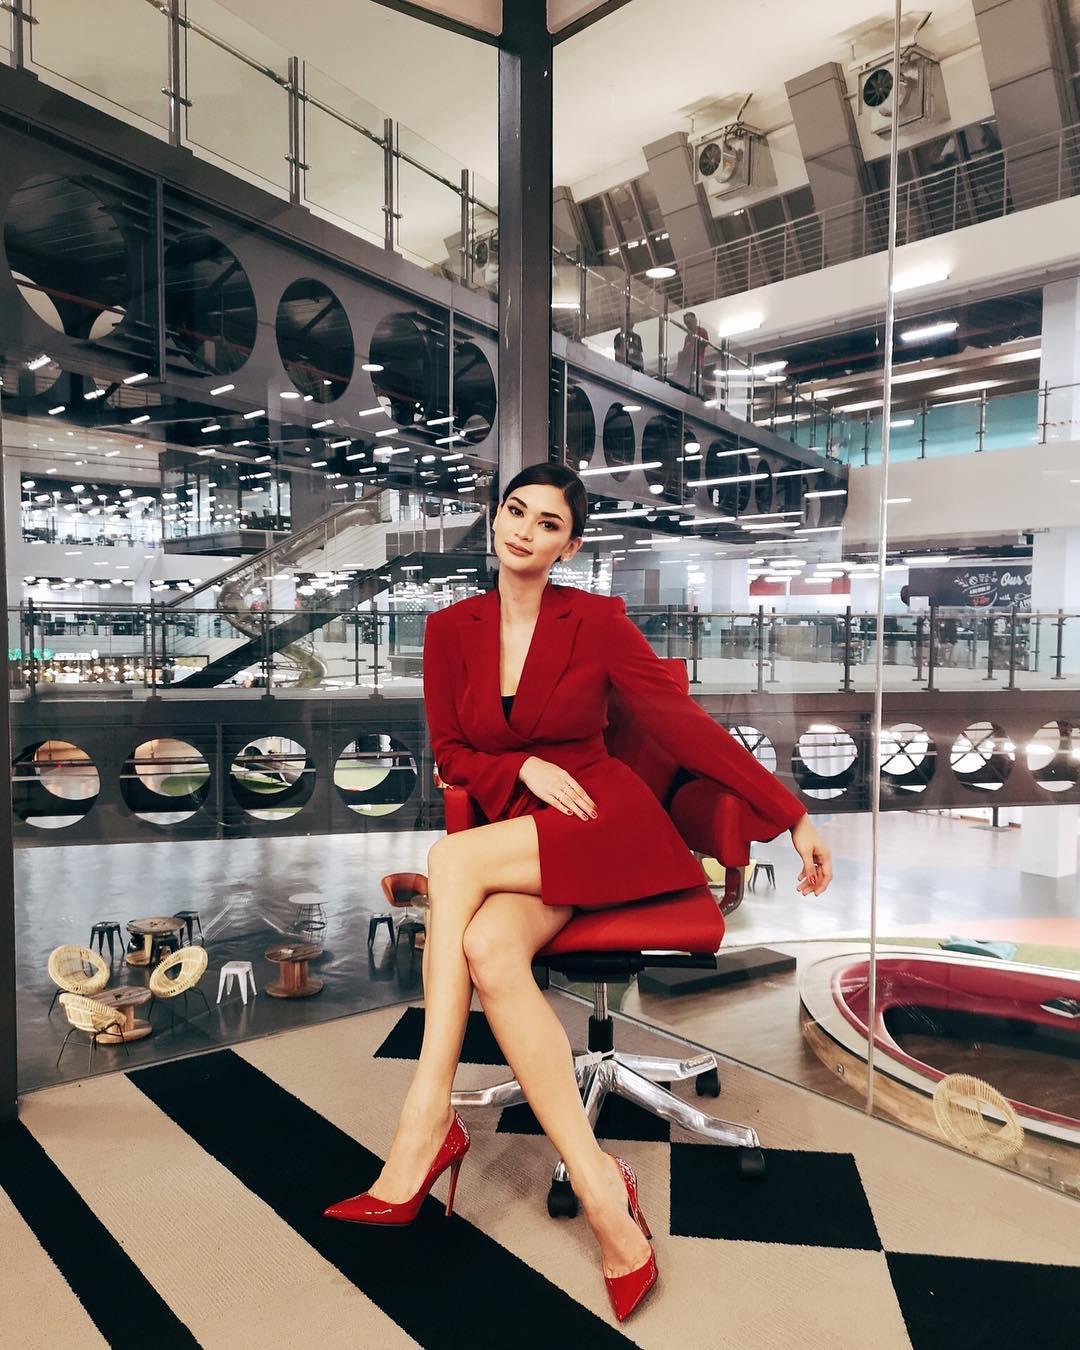 Sau 3 năm đăng quang, Pia Wurtzbach khiến dân tình phát sốt với sắc vóc quá đỗi nóng bỏng, gu thời trang đơn giản mà đẹp khỏi bàn - Ảnh 17.